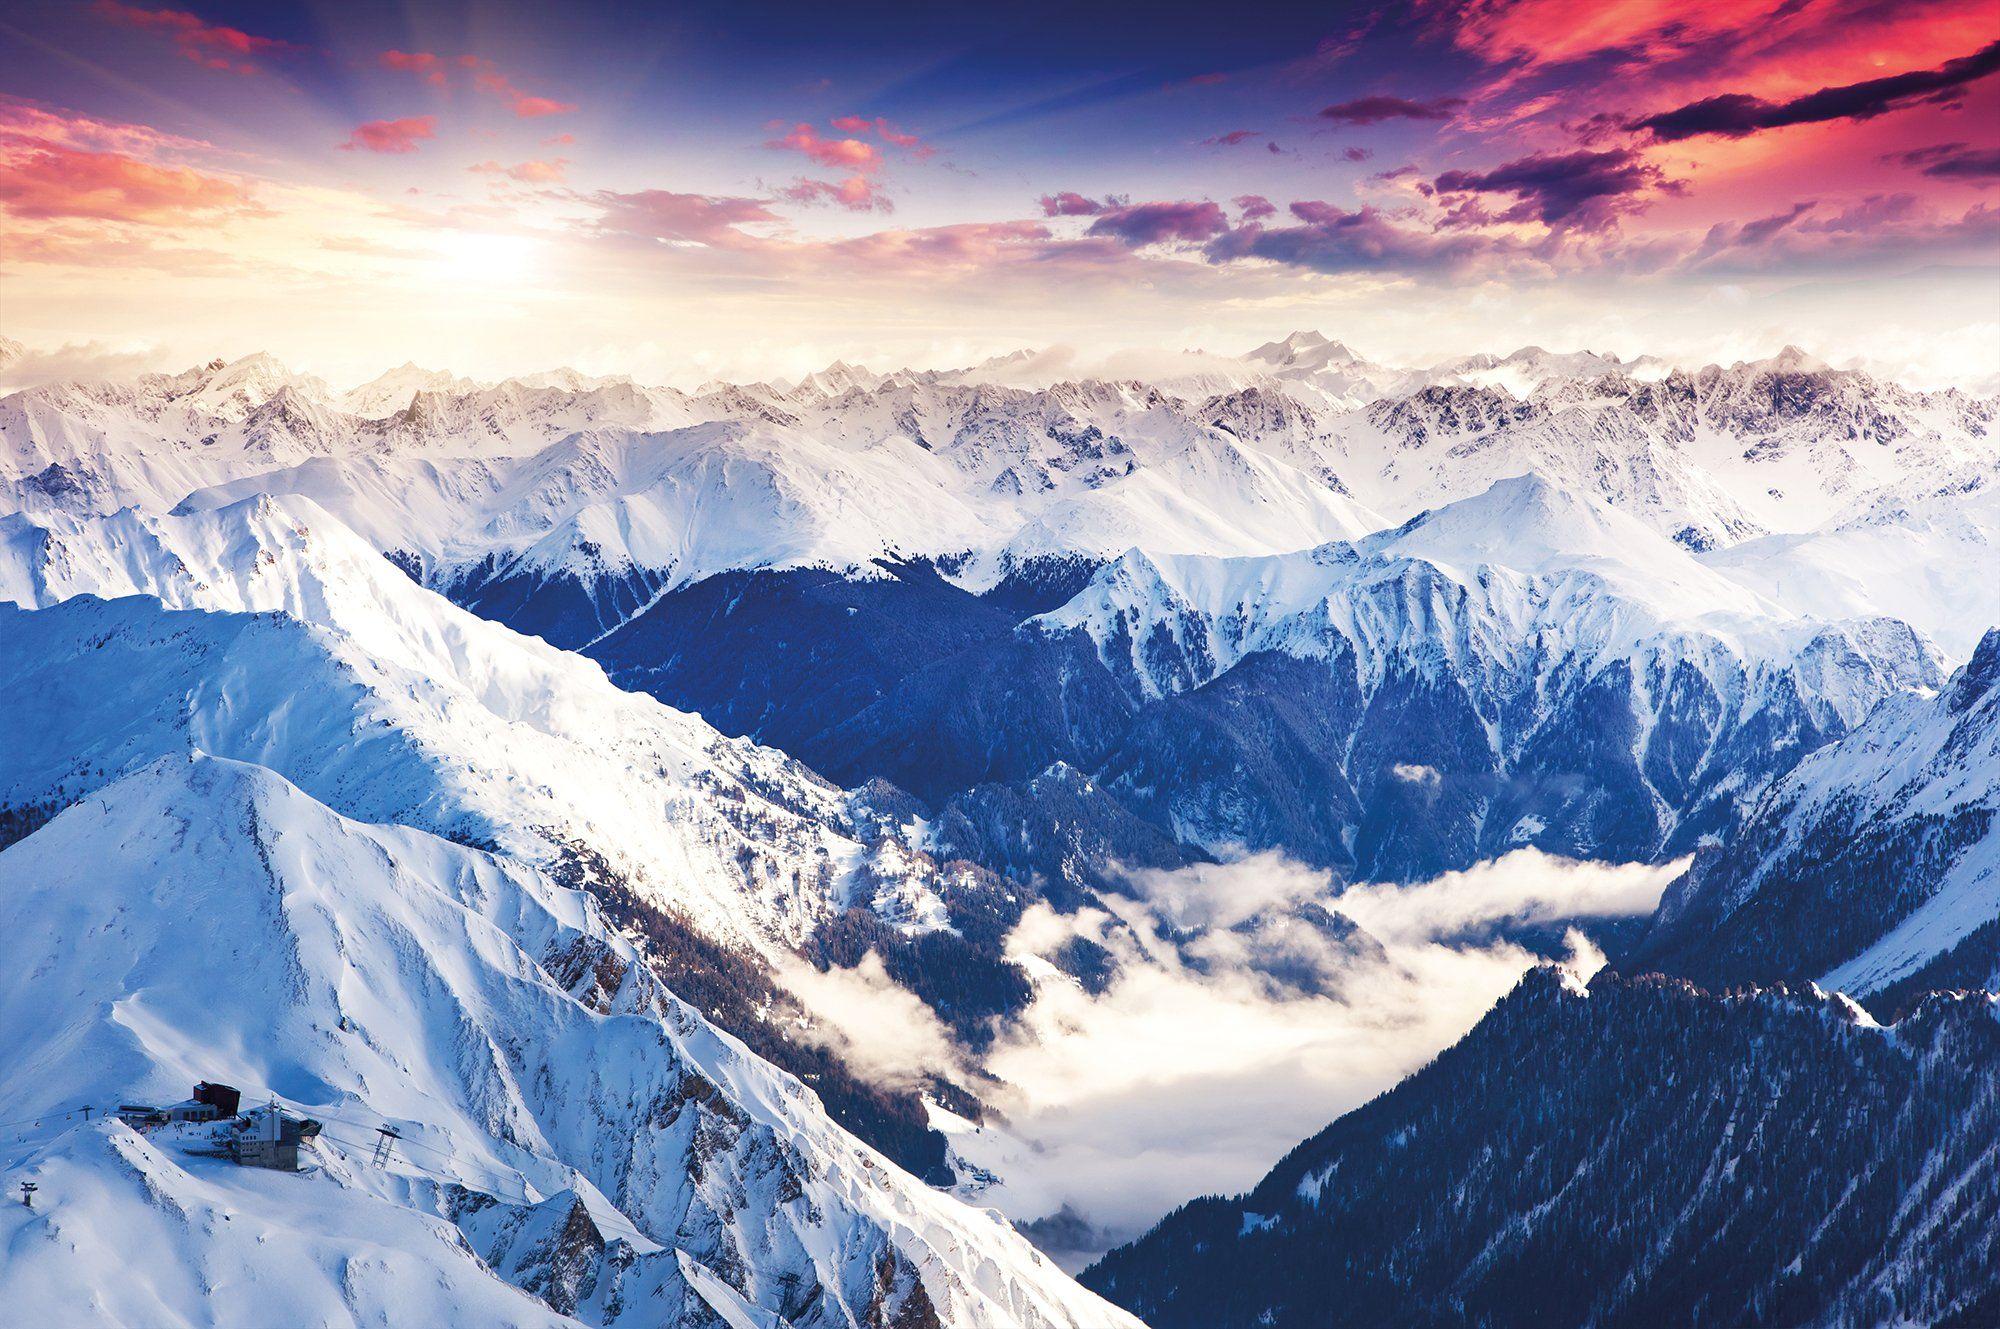 berge alpen fototapete fantastische abend winterlandschaft wandbbild xxl sch ne. Black Bedroom Furniture Sets. Home Design Ideas